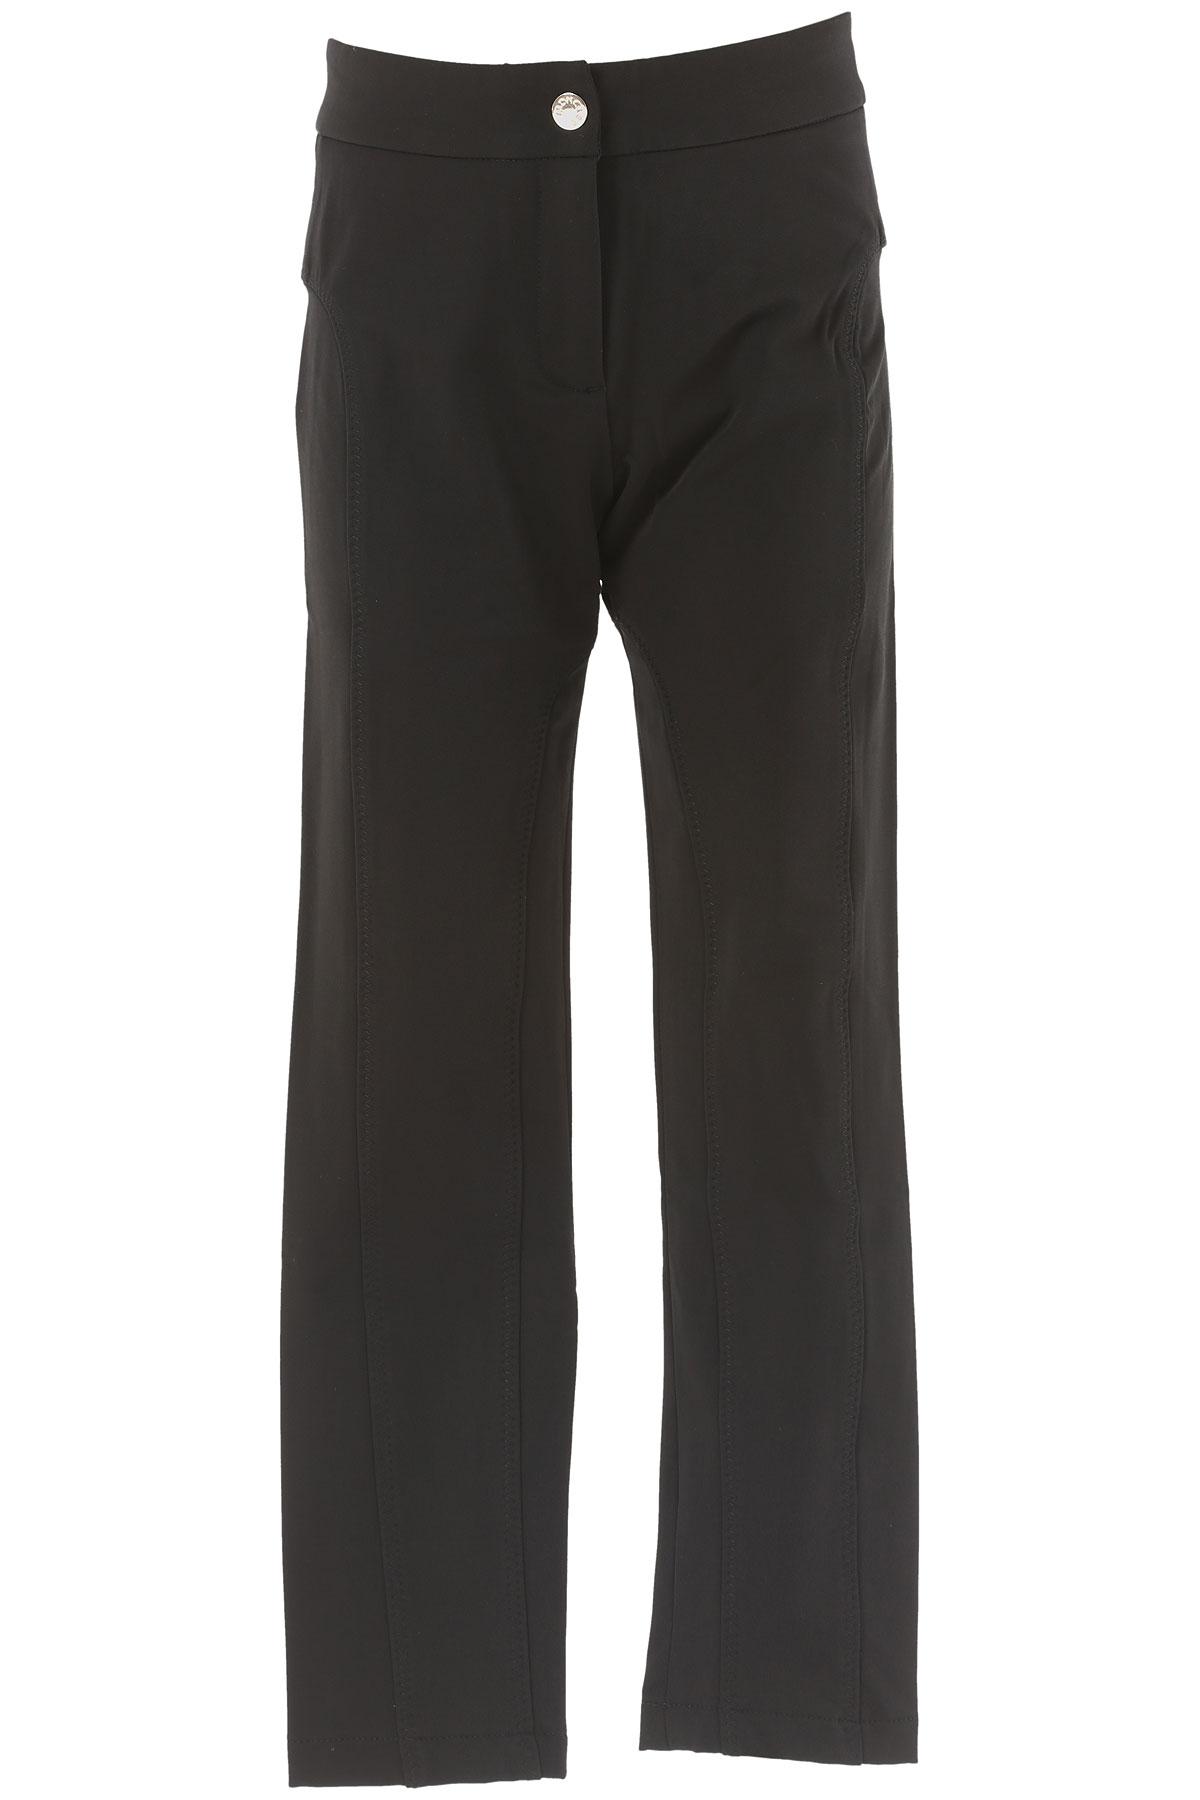 Moncler Pantalons Enfant pour Garçon Pas cher en Soldes Outlet, Noir, Polyamide, 2017, 10Y 12Y 14Y 8Y